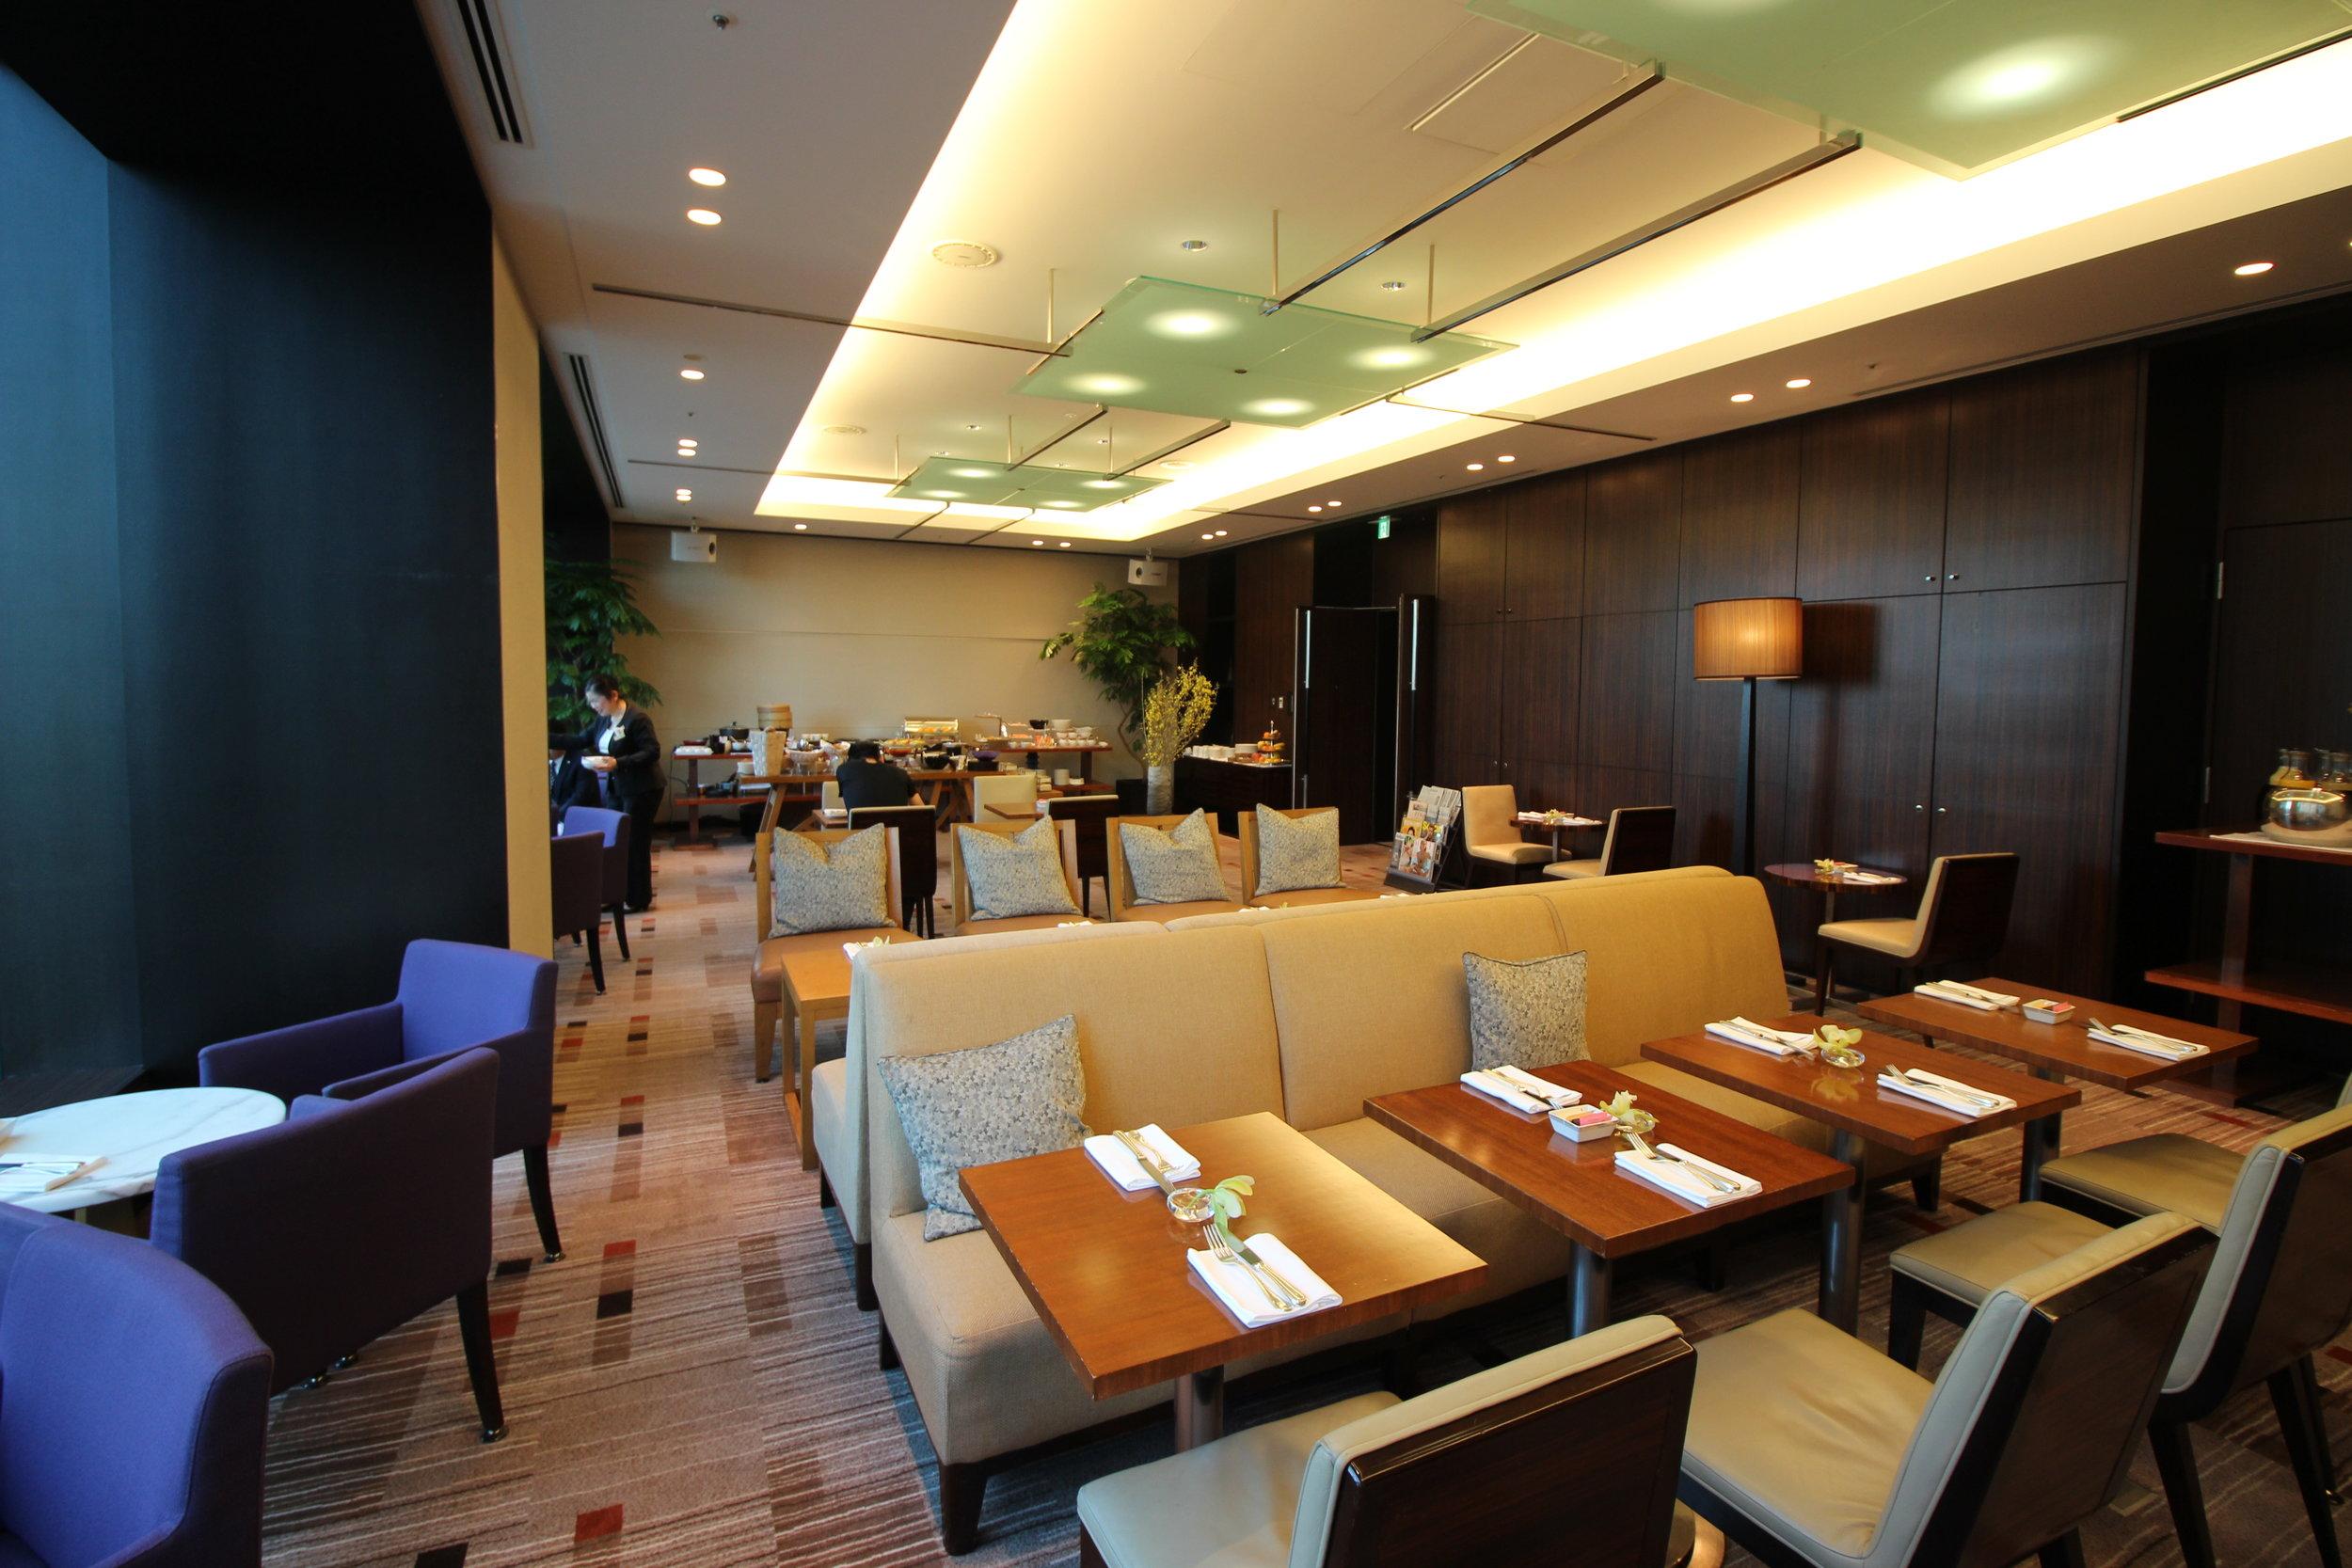 Make-shift executive lounge